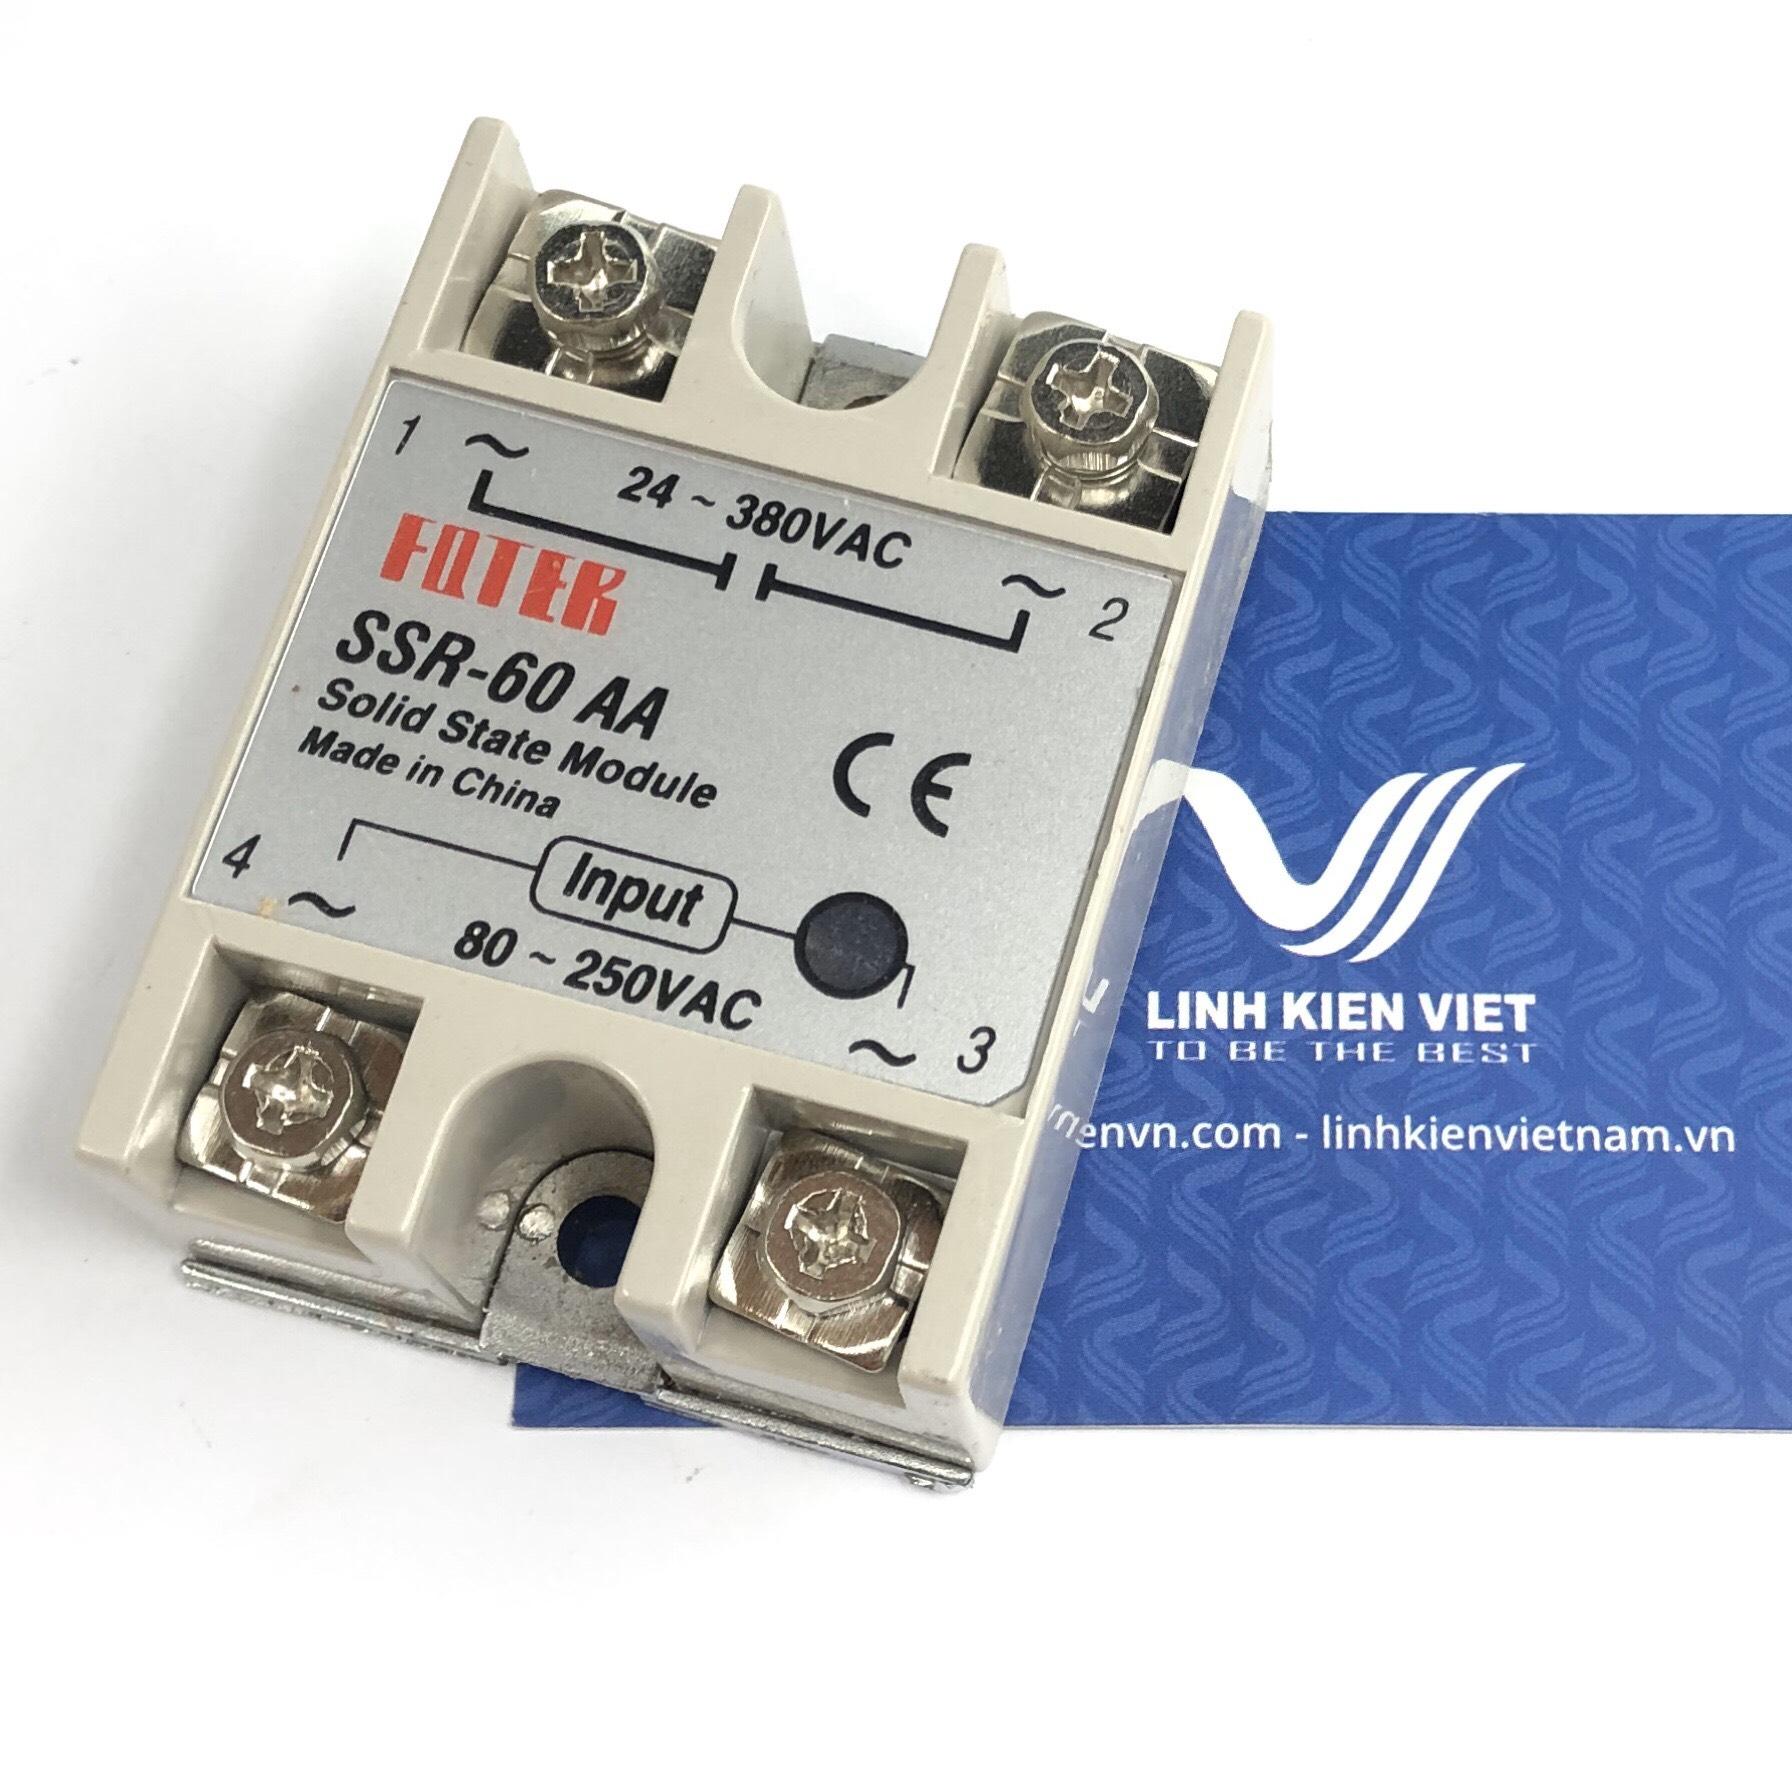 Relay bán dẫn SSR-60AA input 80-250VAC - A10H10